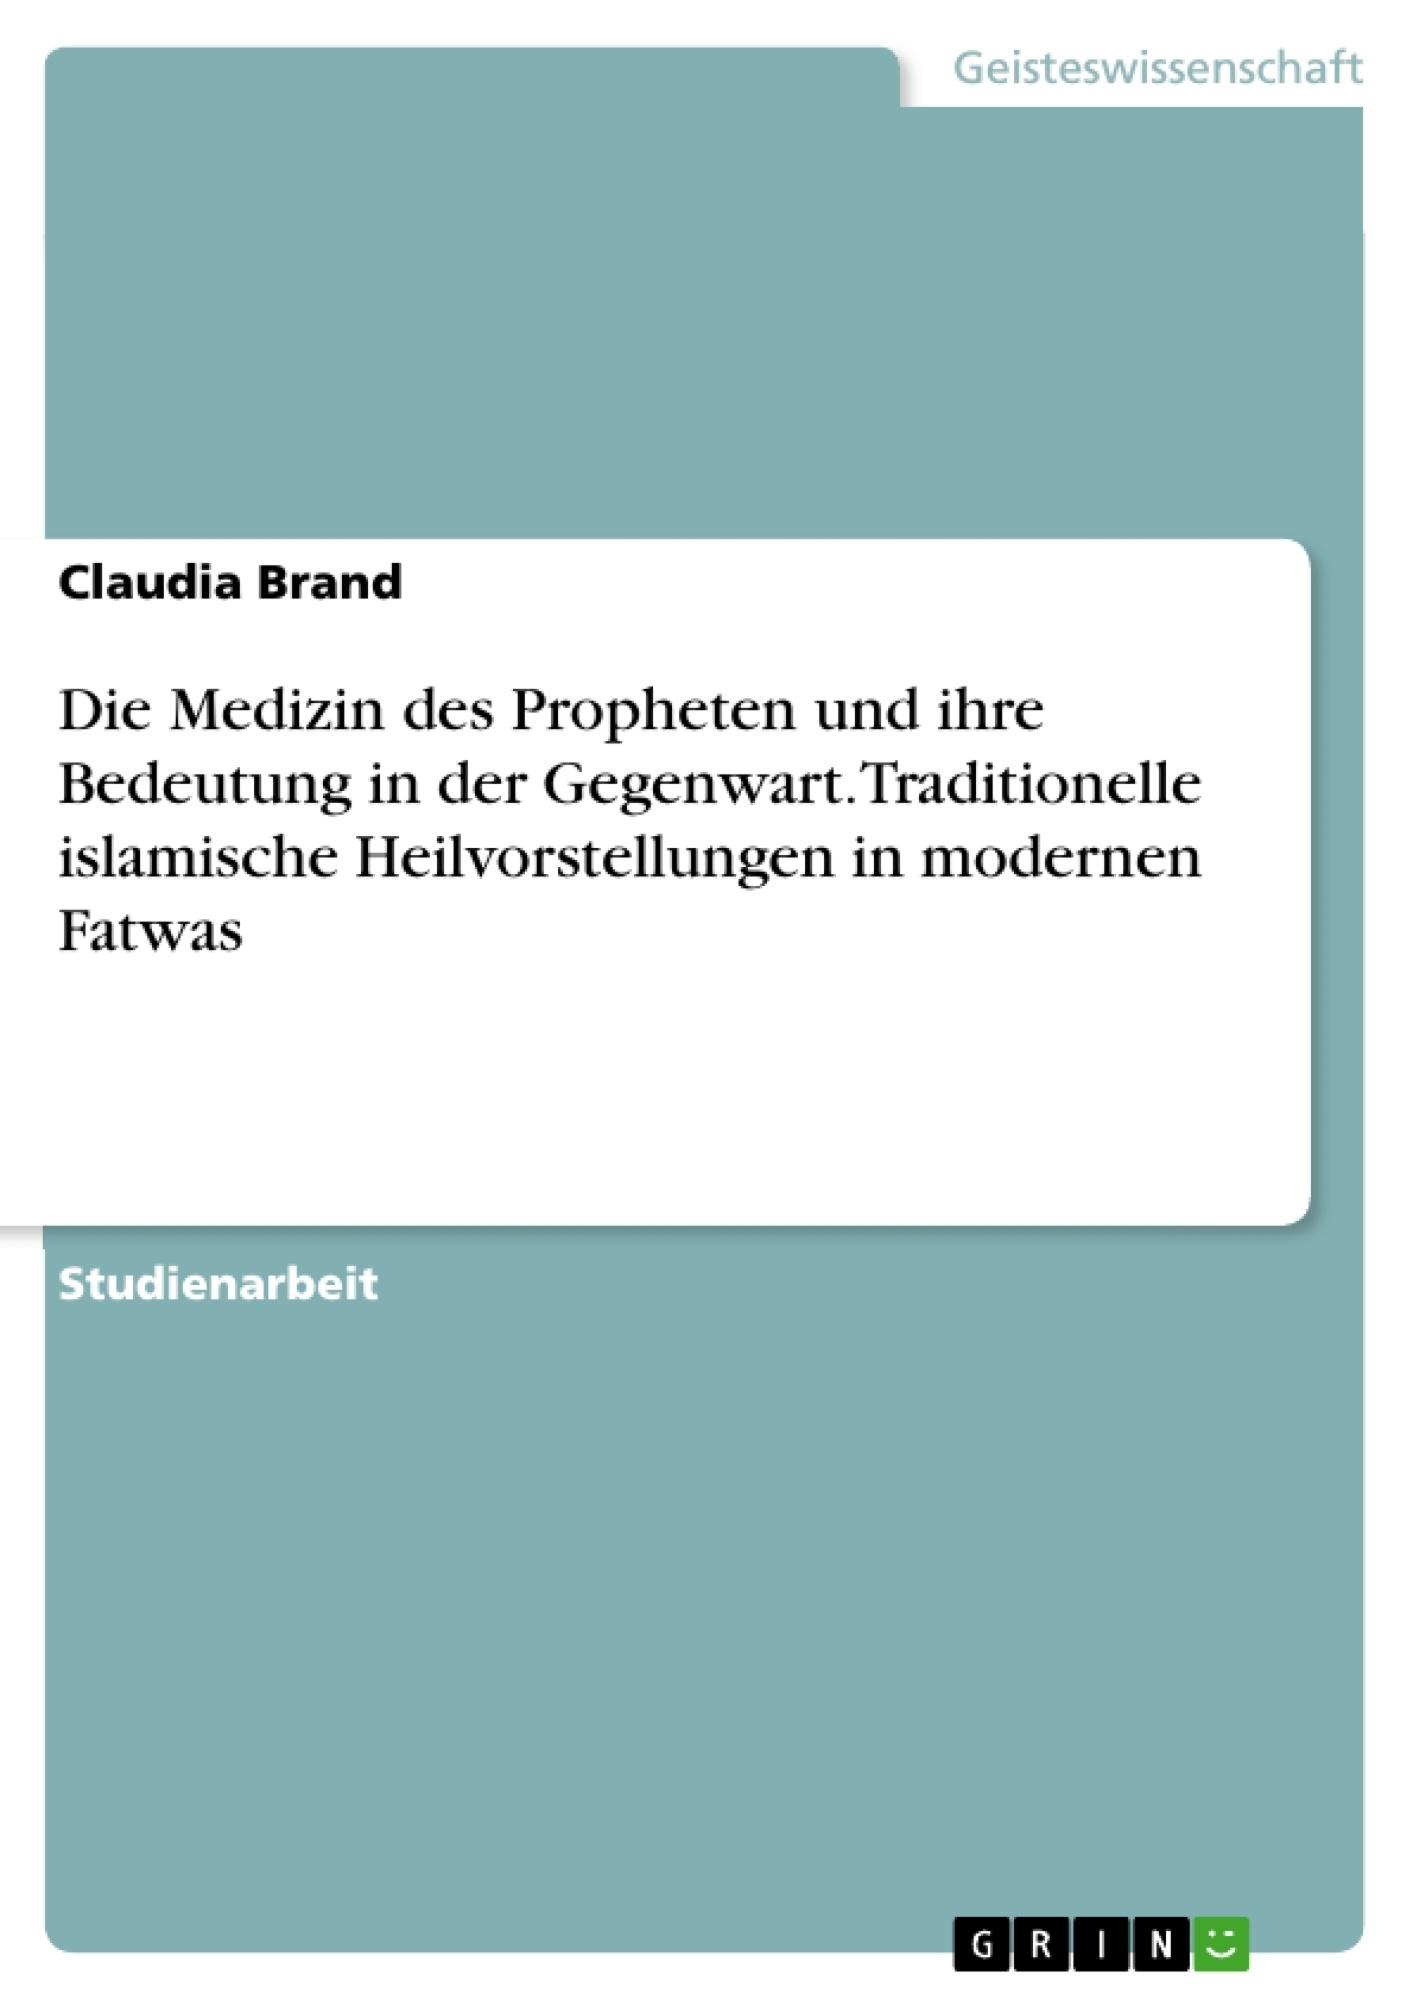 Titel: Die Medizin des Propheten und ihre Bedeutung in der Gegenwart. Traditionelle islamische Heilvorstellungen in modernen Fatwas